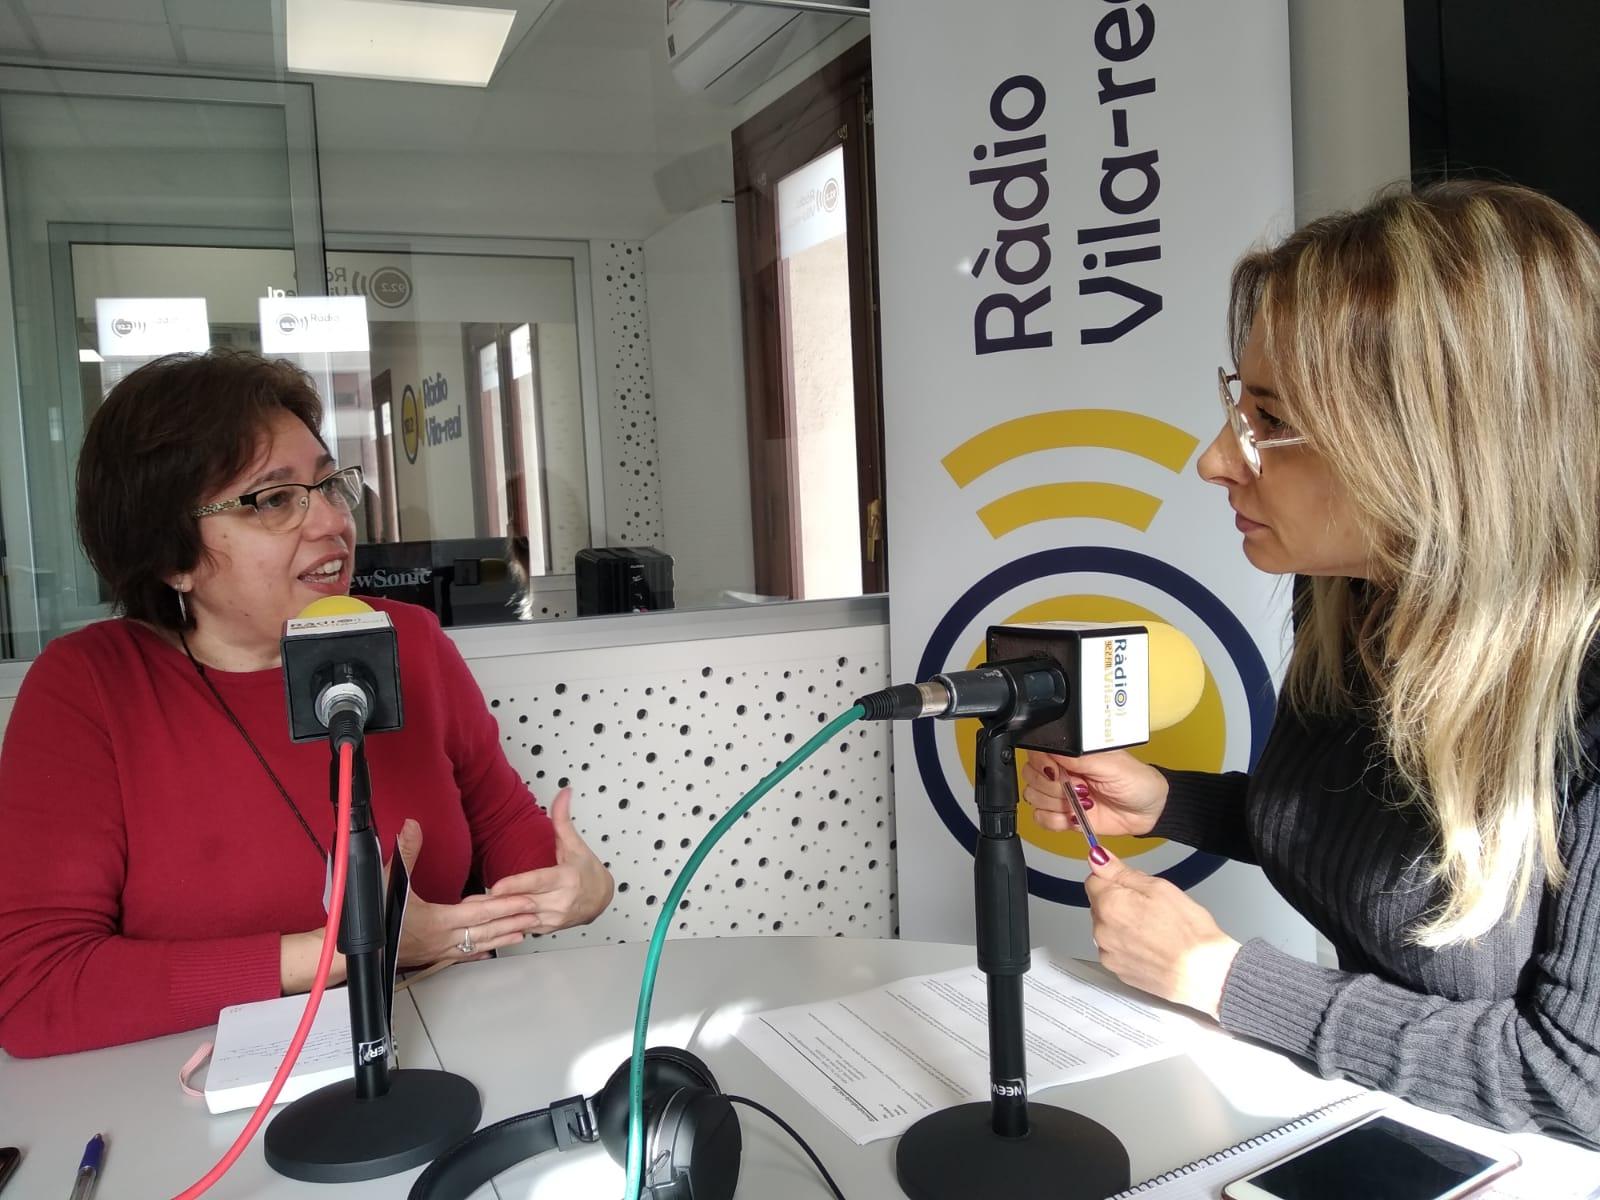 Entrevista a la diputada autonómica del PSPV-PSOE, Sabina Escrig